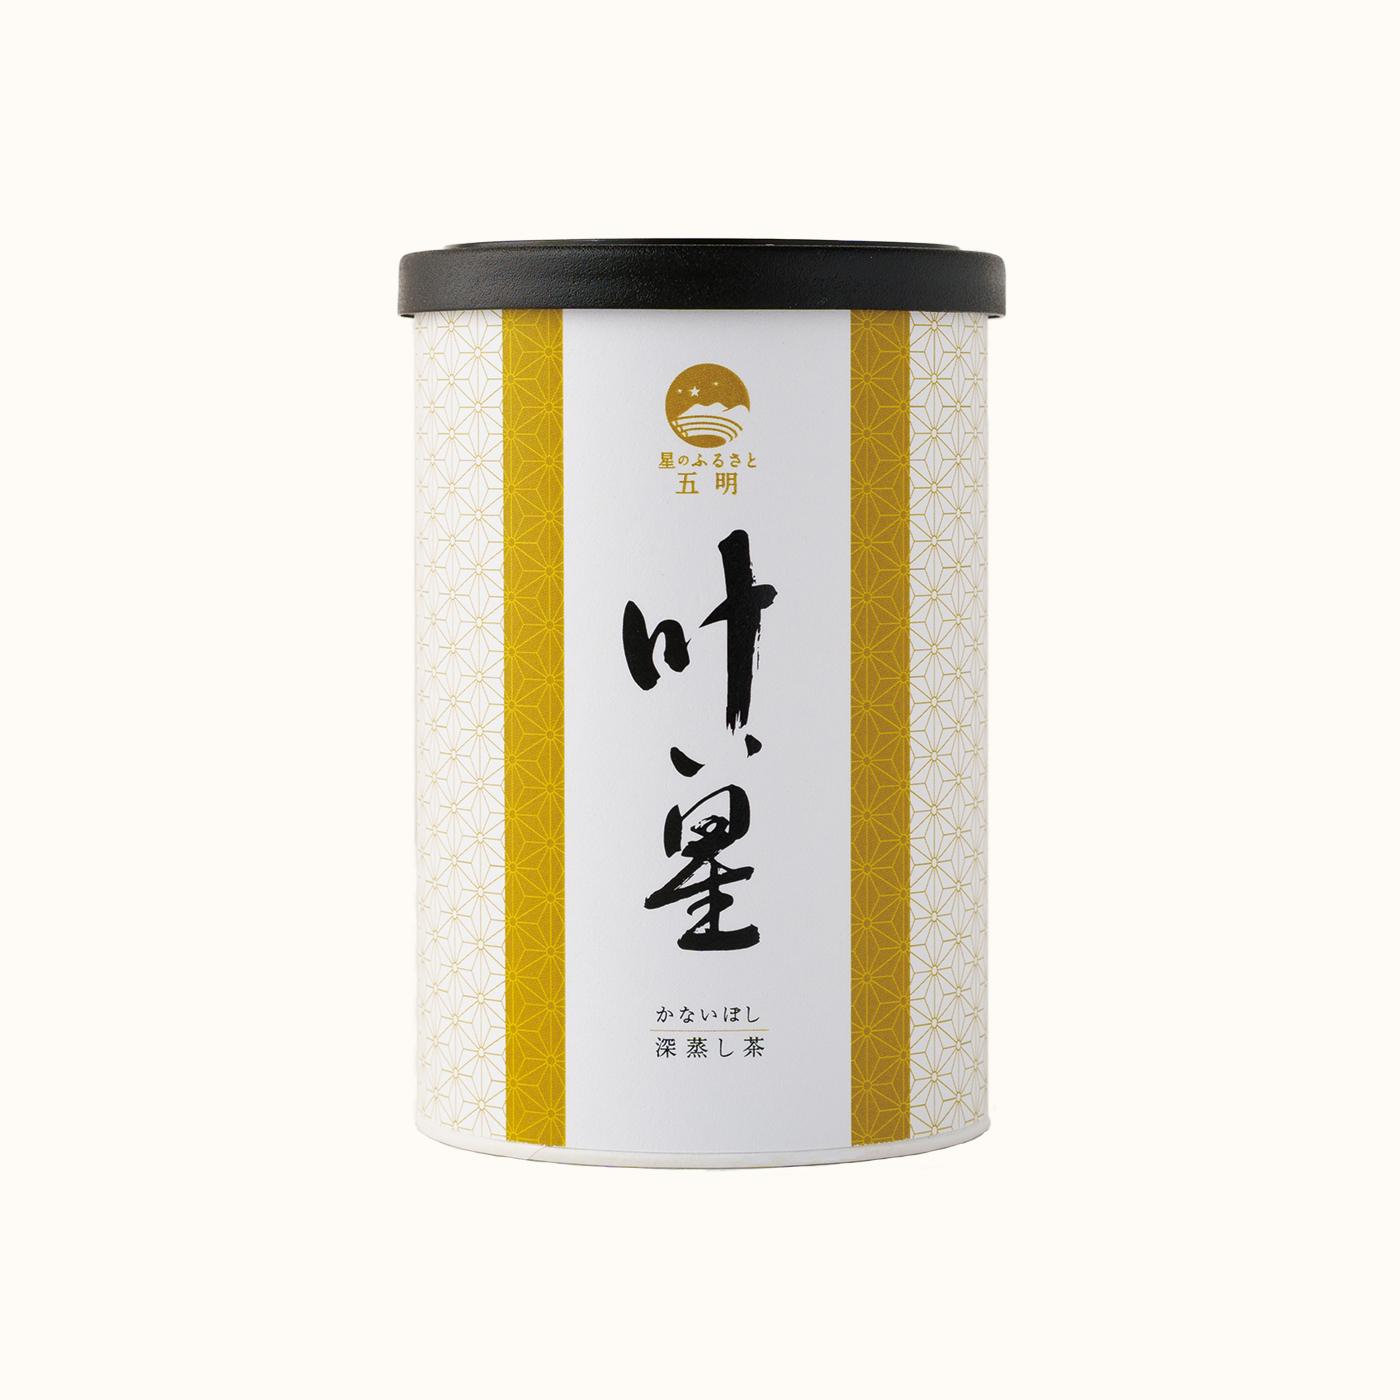 朝ぎり(平袋/紙缶)